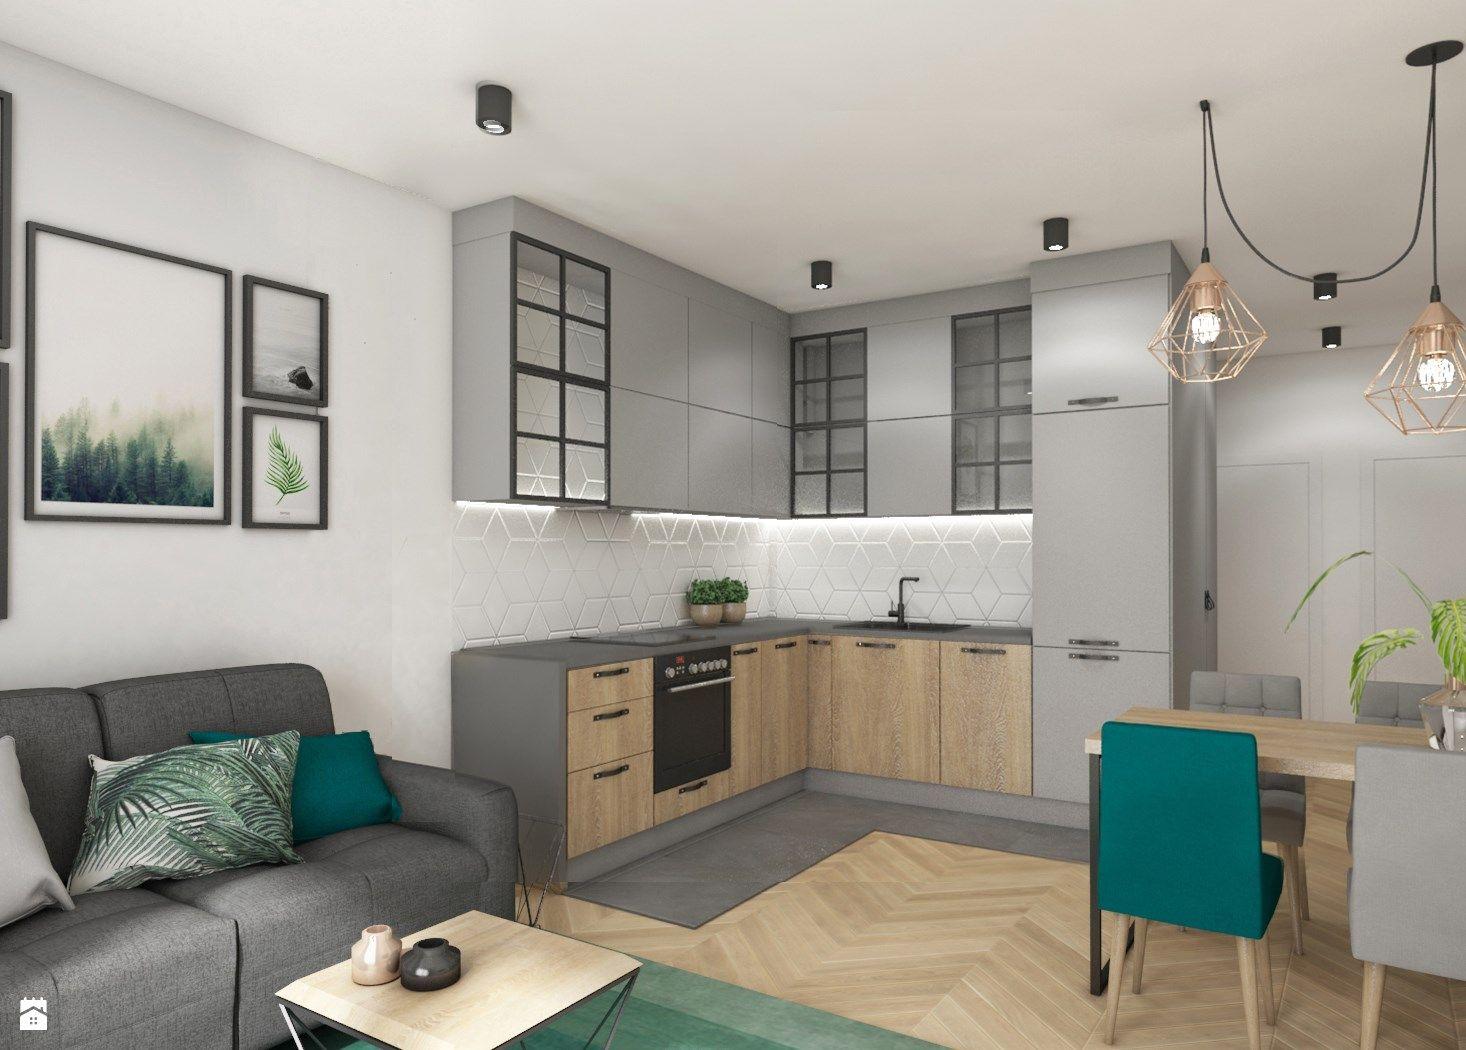 Wystroj Wnetrz Kuchnia Pomysly Na Aranzacje Projekty Ktore Stanowia Prawdziwe Inspiracje Dla Kazdego Dla Kogo Kitchen Design Kitchen Interior Home Decor